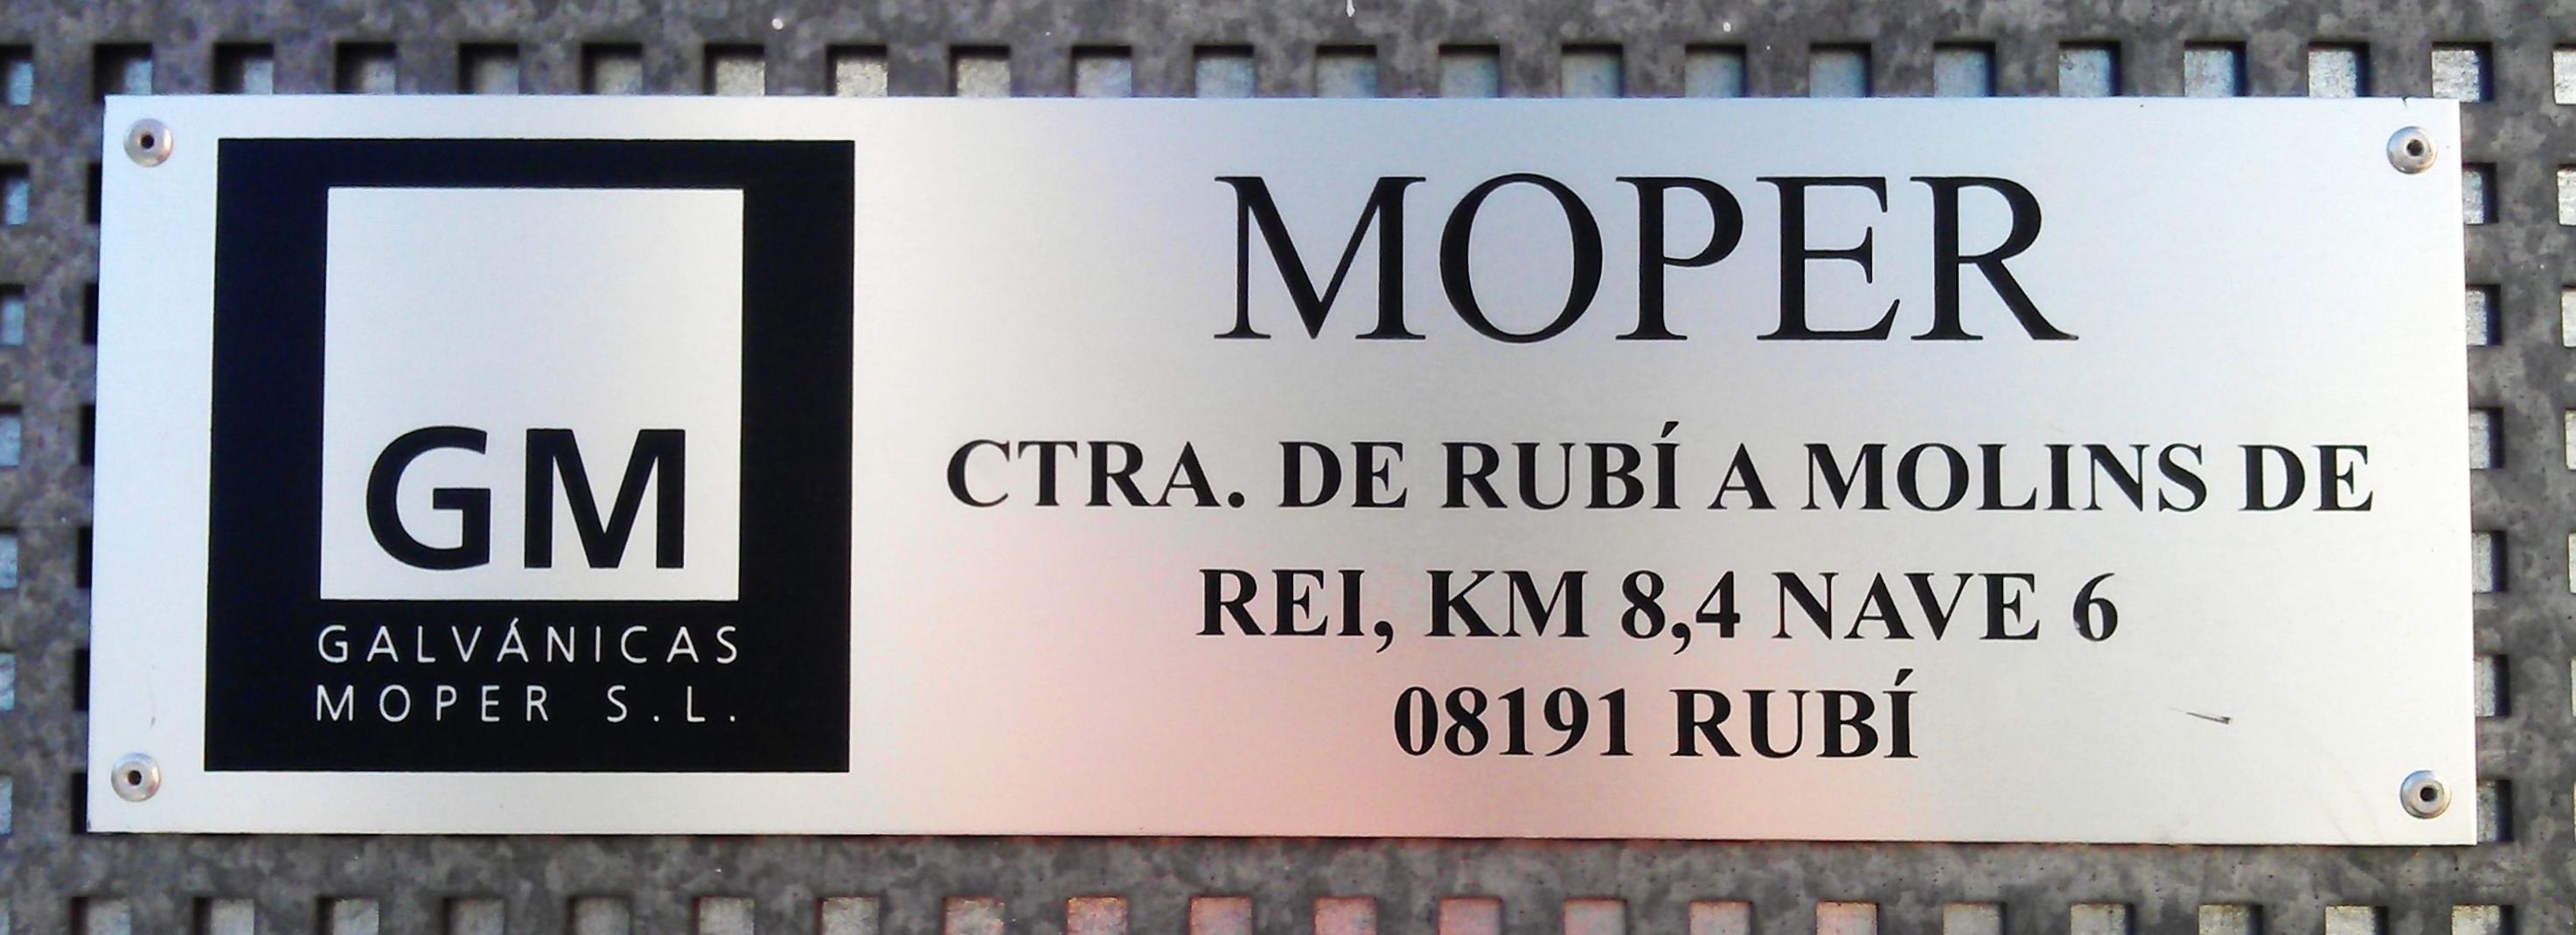 Galvánicas Moper SL